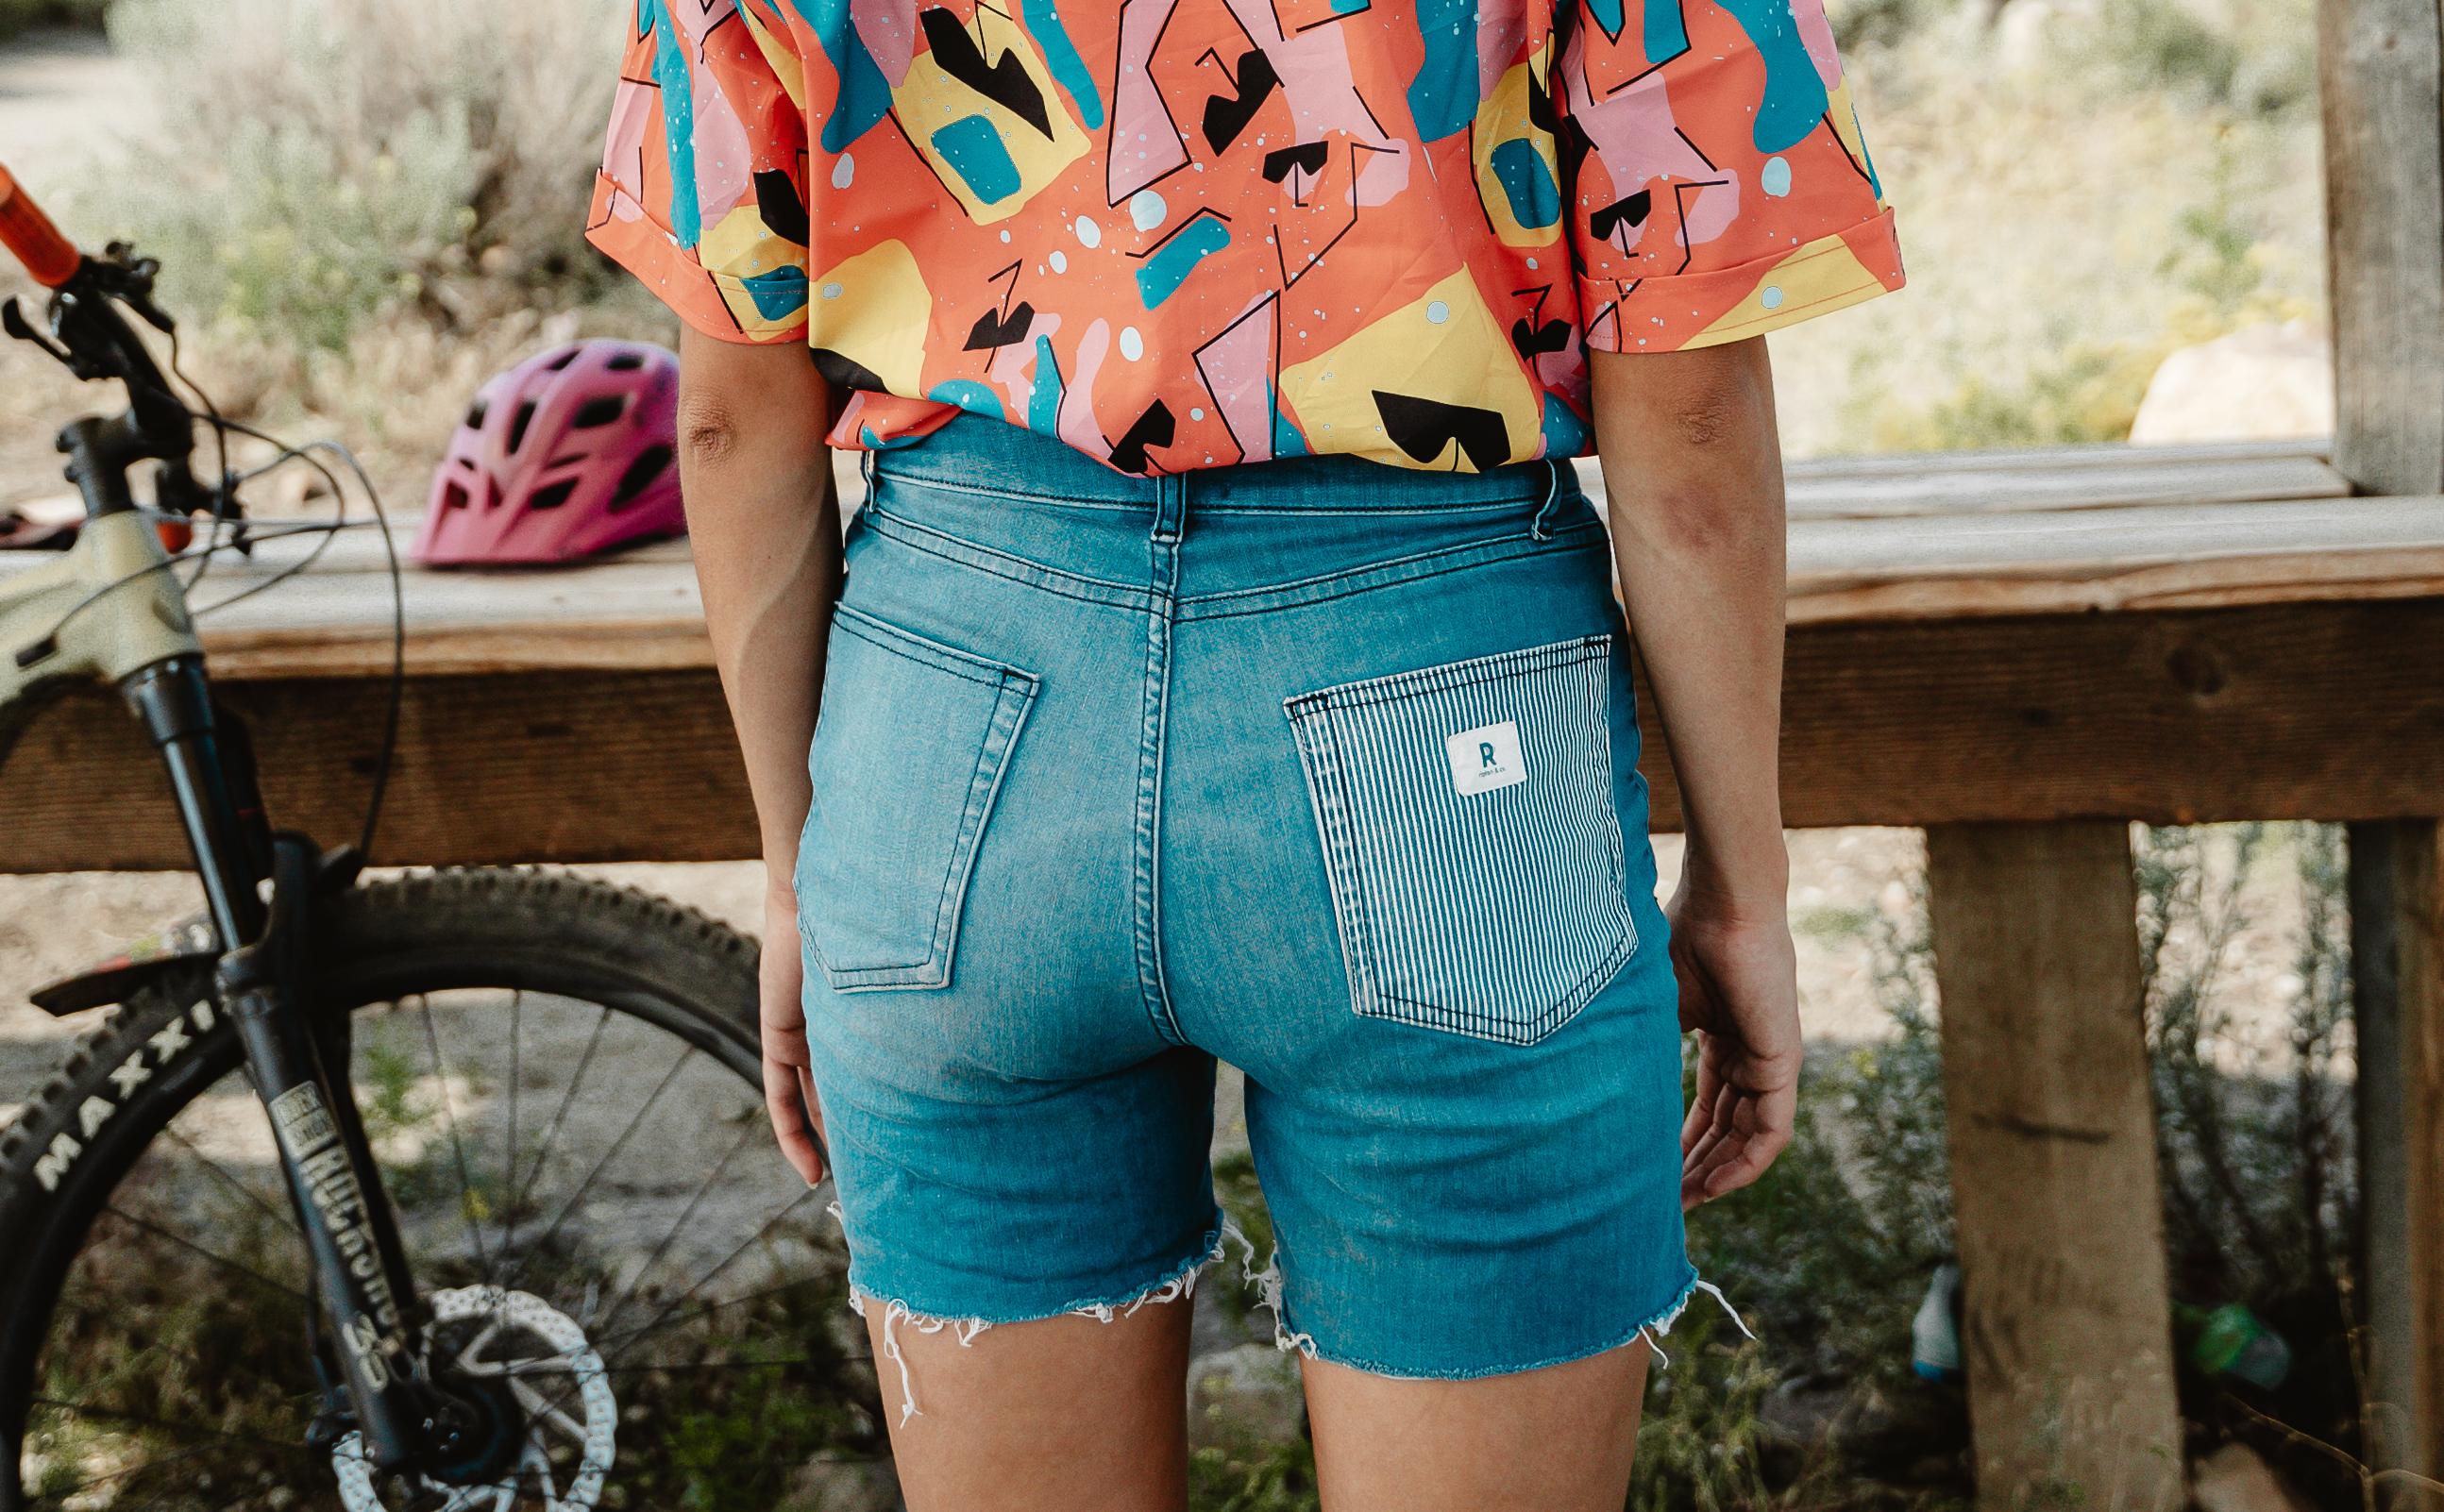 Ripton V4 Shorts - NACFORADVENTURE giveaway